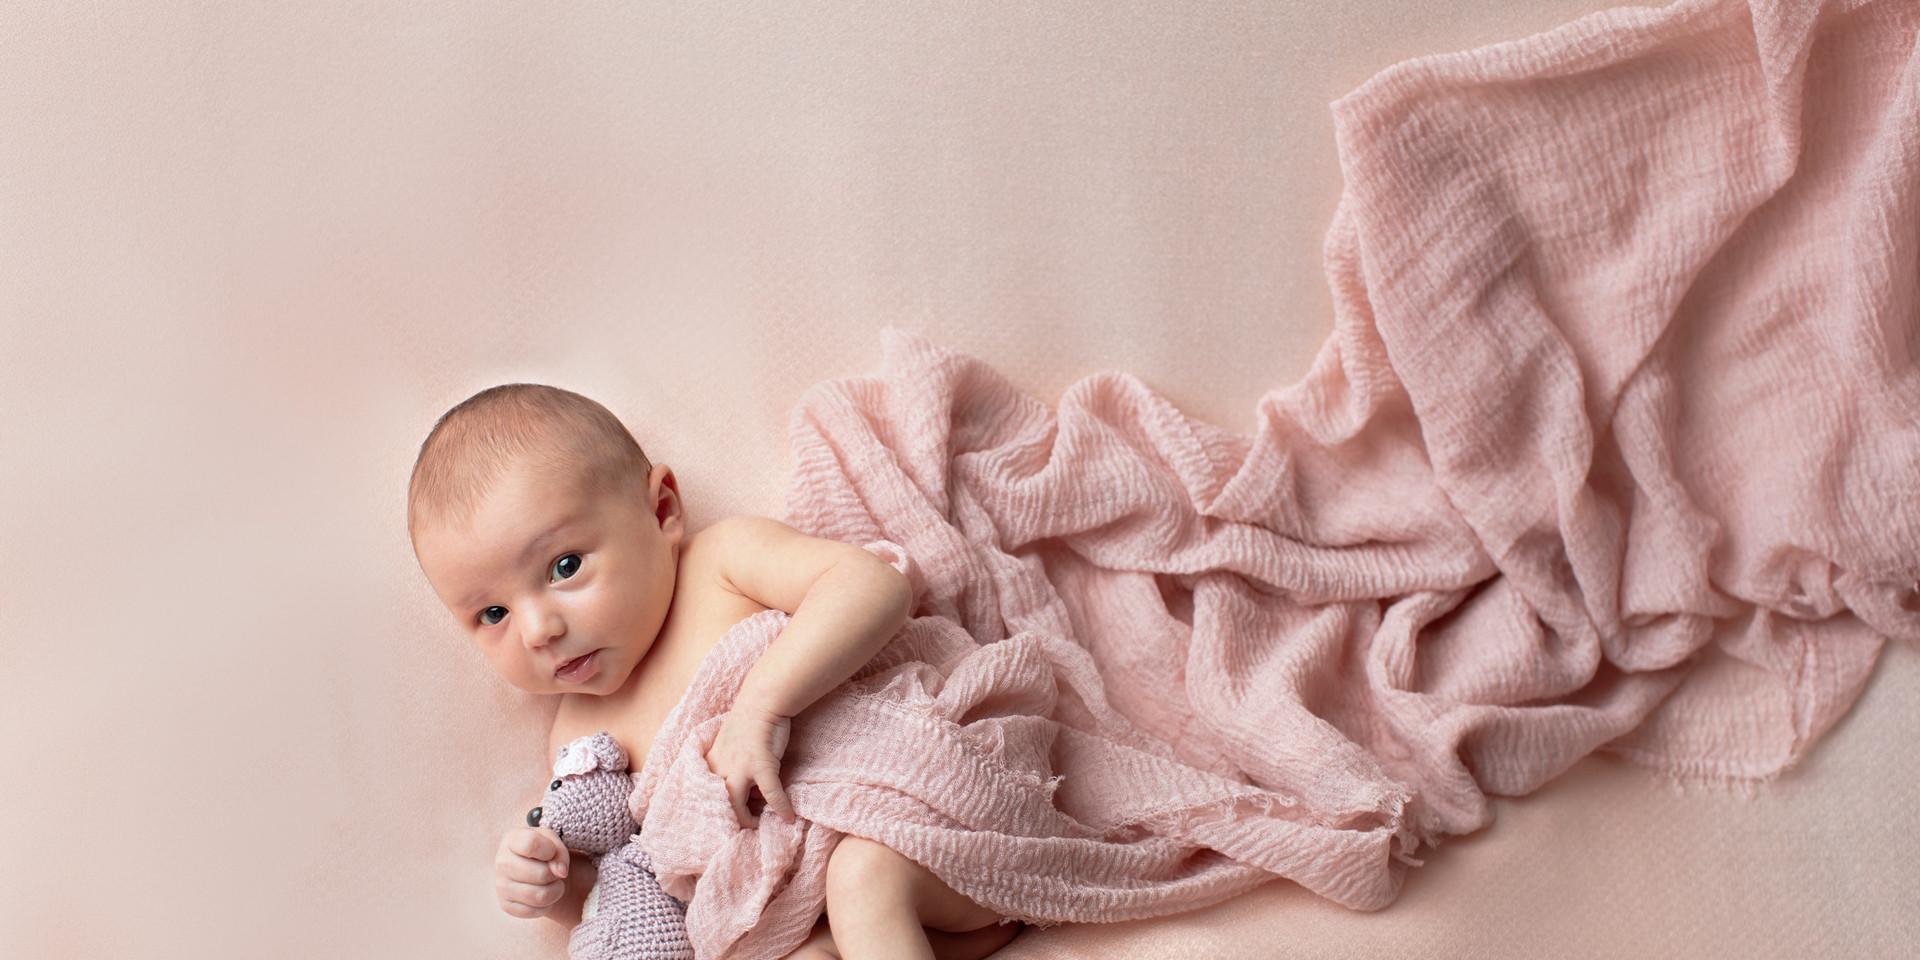 Neugieriges Baby [0T1A7911-Edit.jpg]